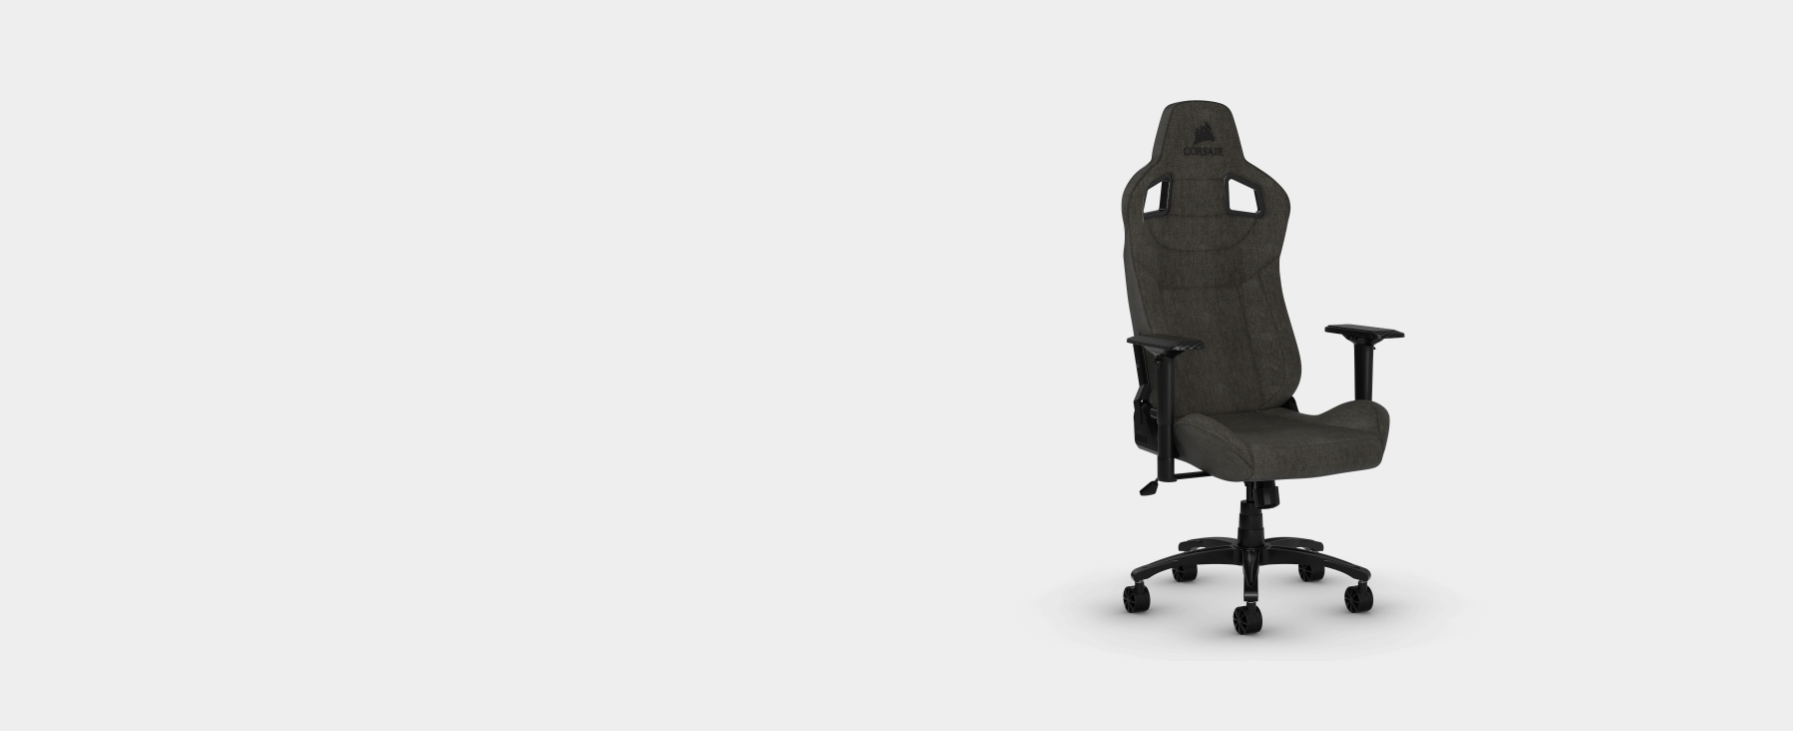 Ghế Game Corsair T3 RUSH Gray-Charcoal có cấu tạo chất liệu vải thoáng khí